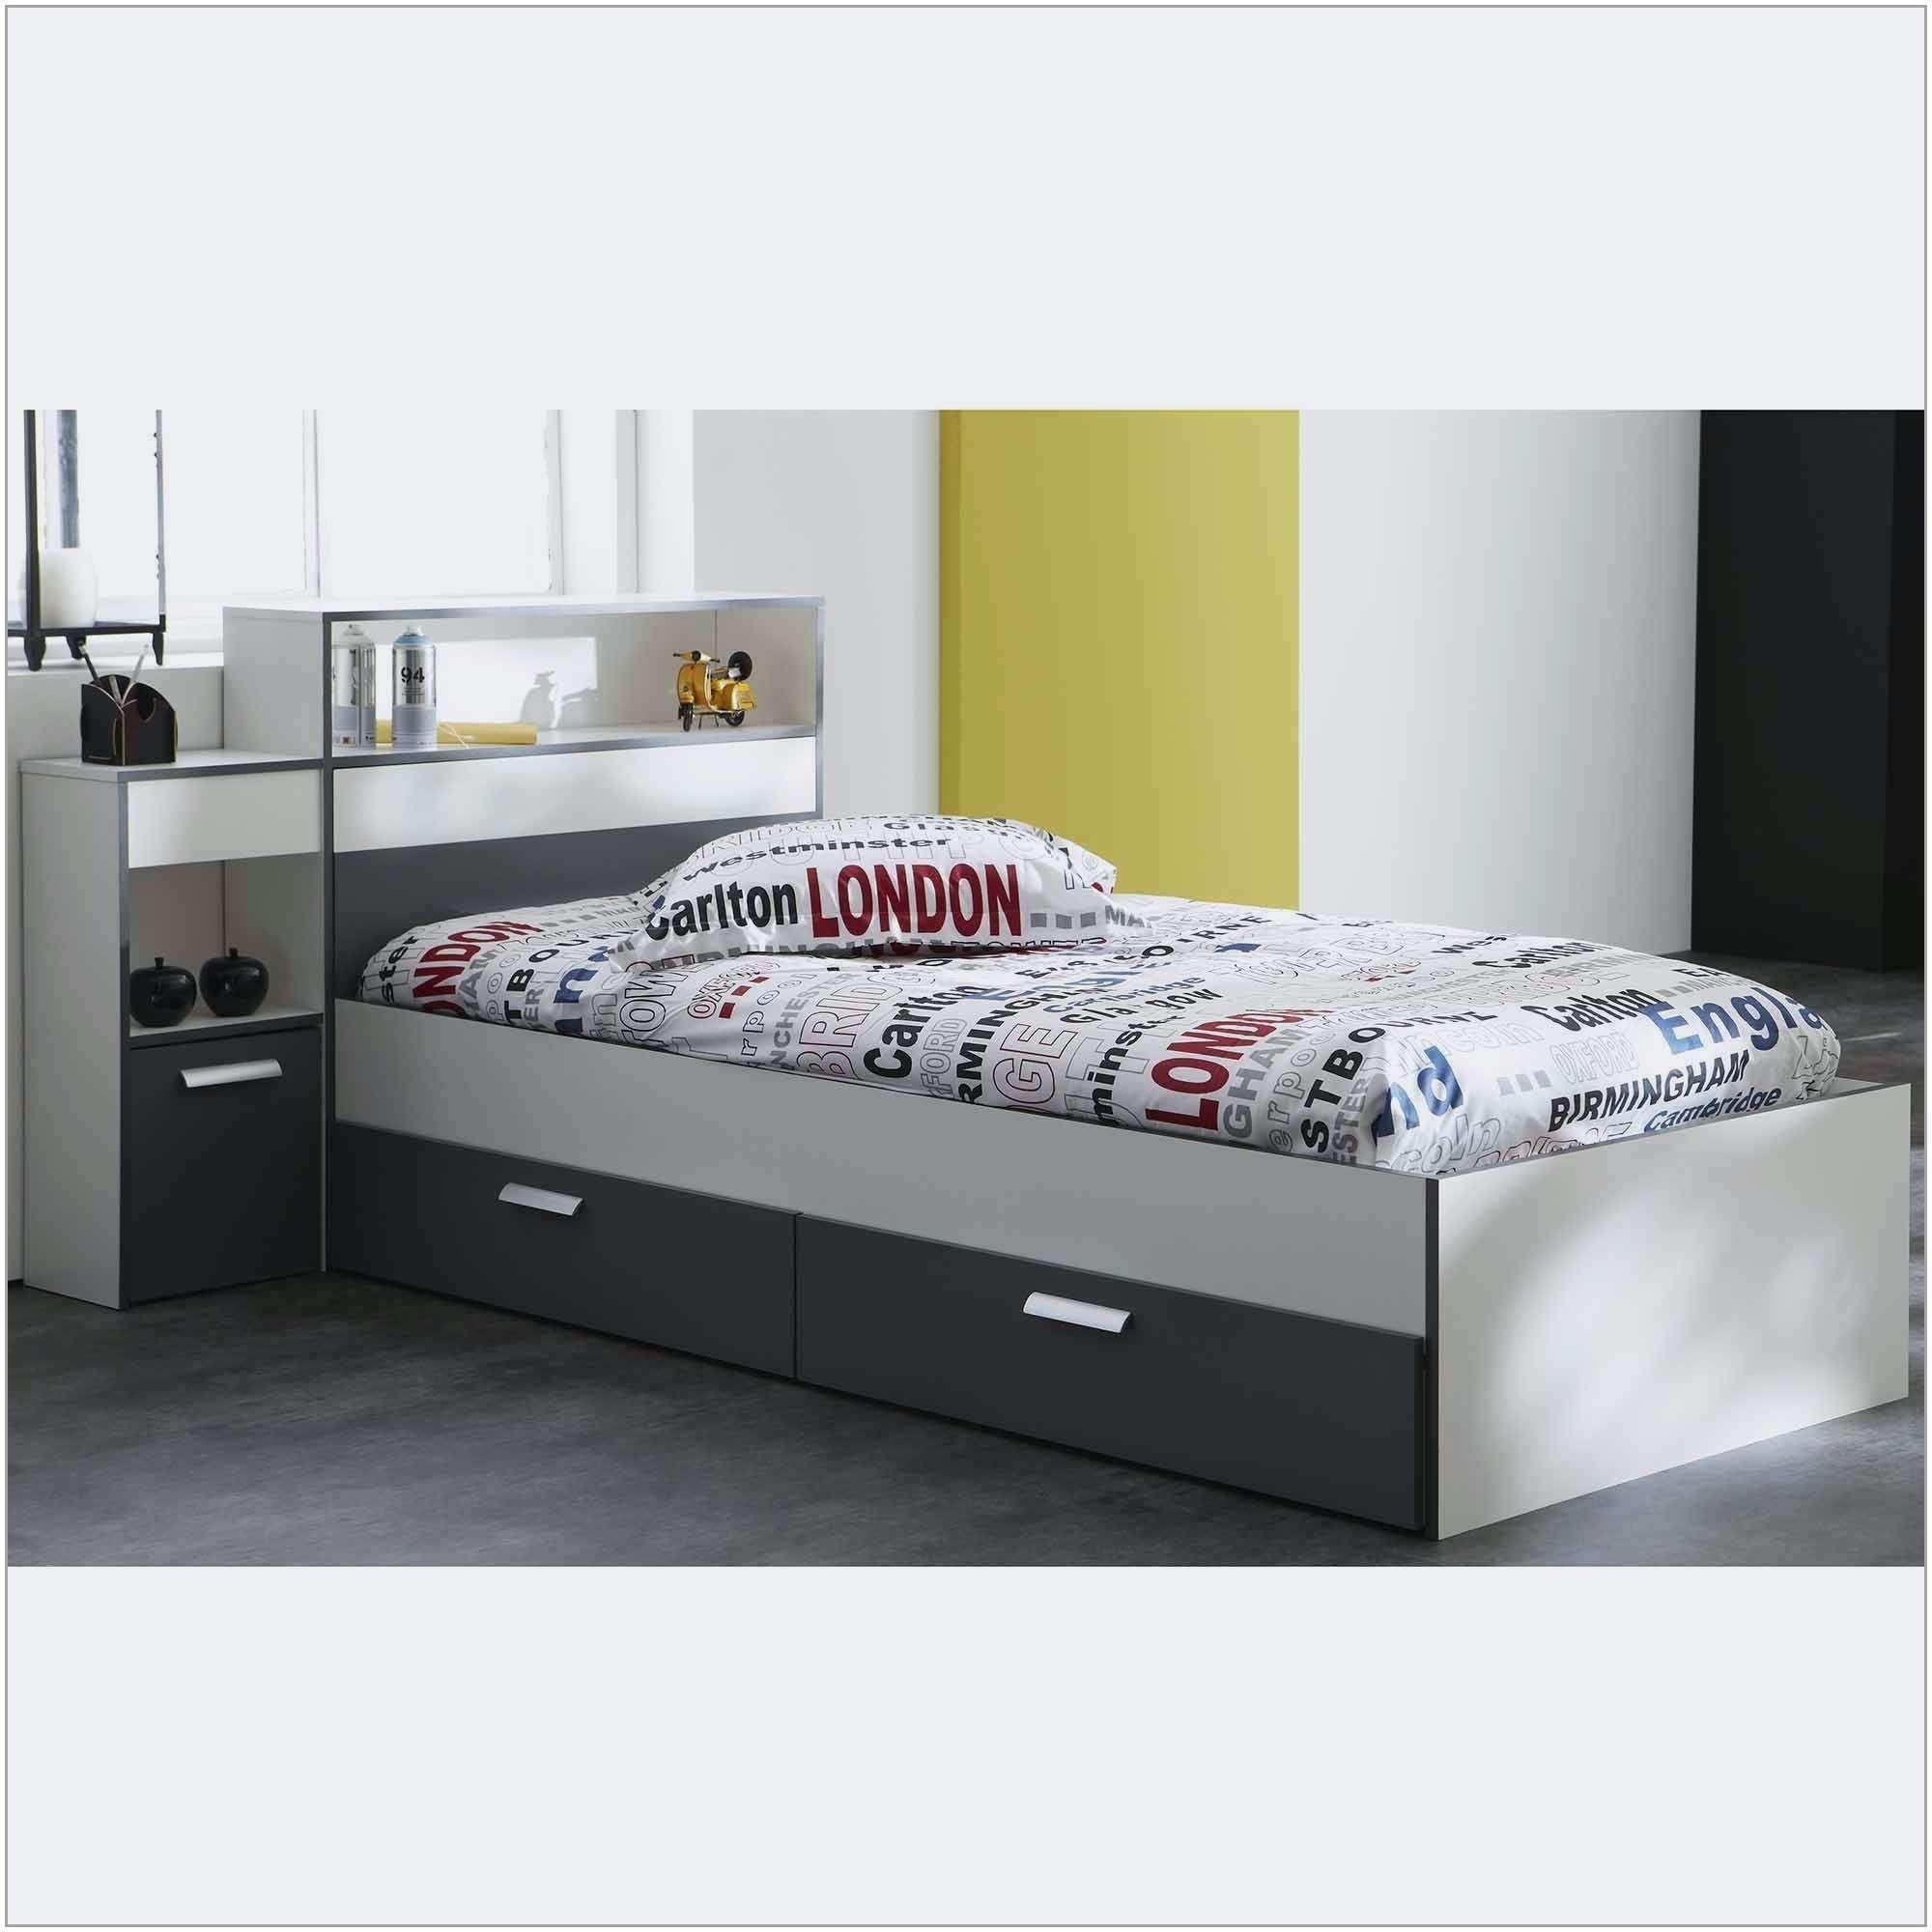 Lit 120×200 Ikea Frais Le Meilleur De Kura Reversible Bed White Pine 90 X 200 Cm Ikea Pour